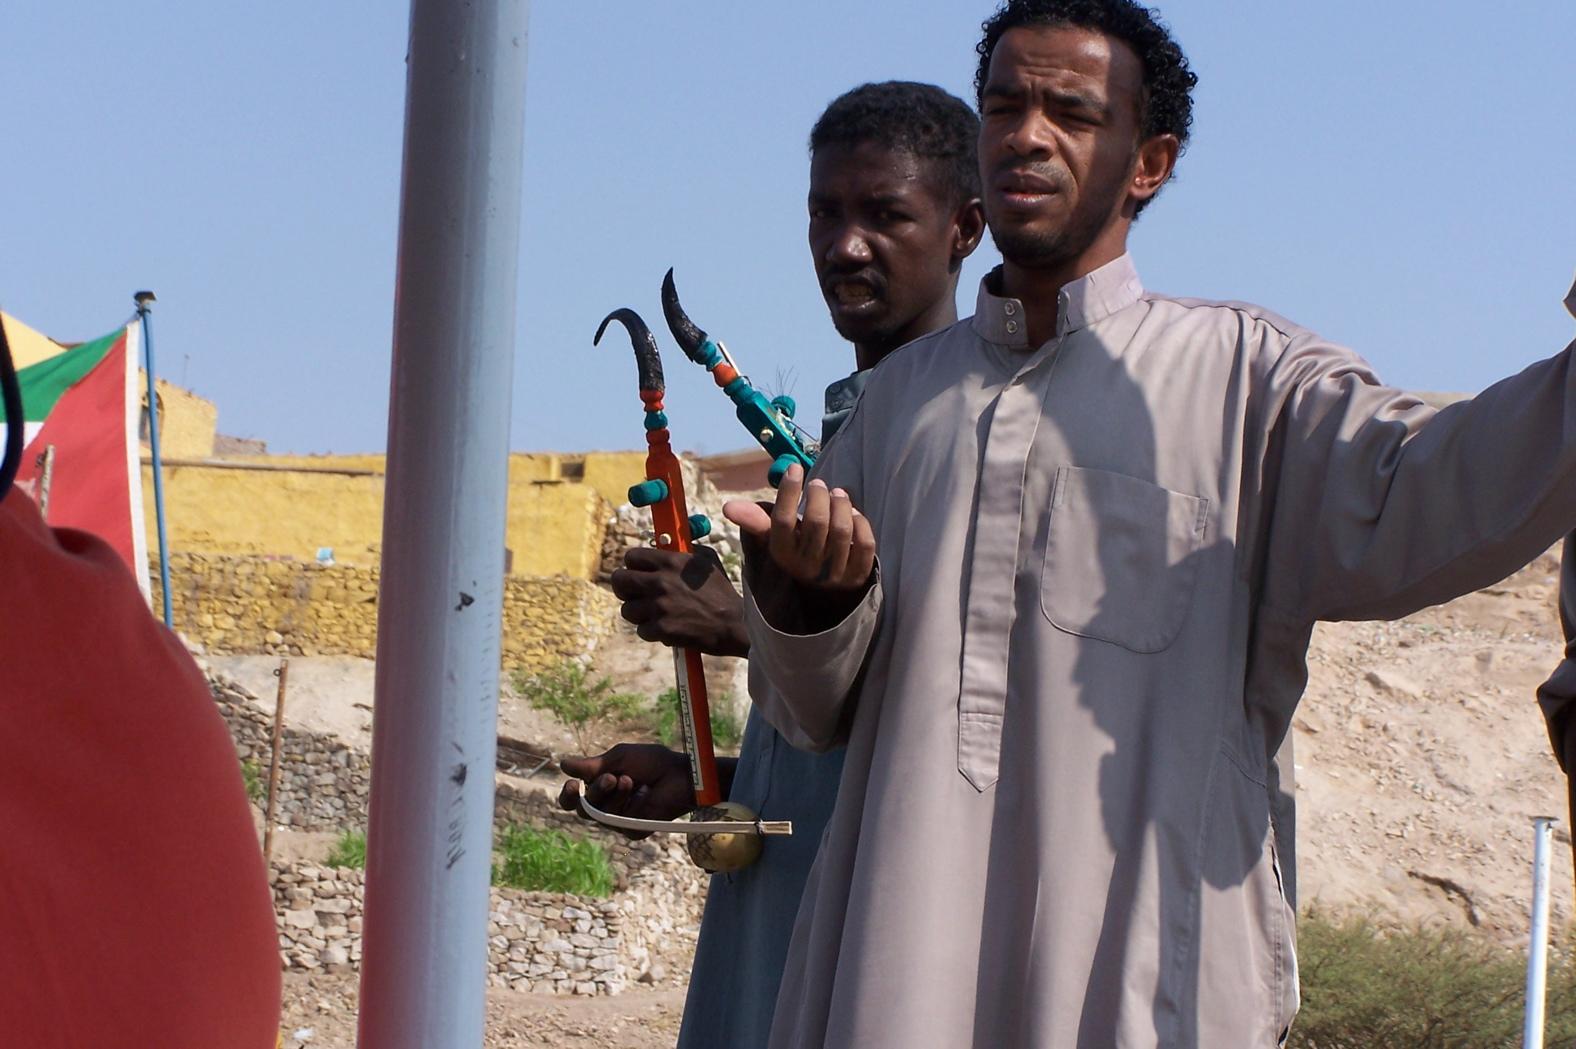 Egyptian men pic 44